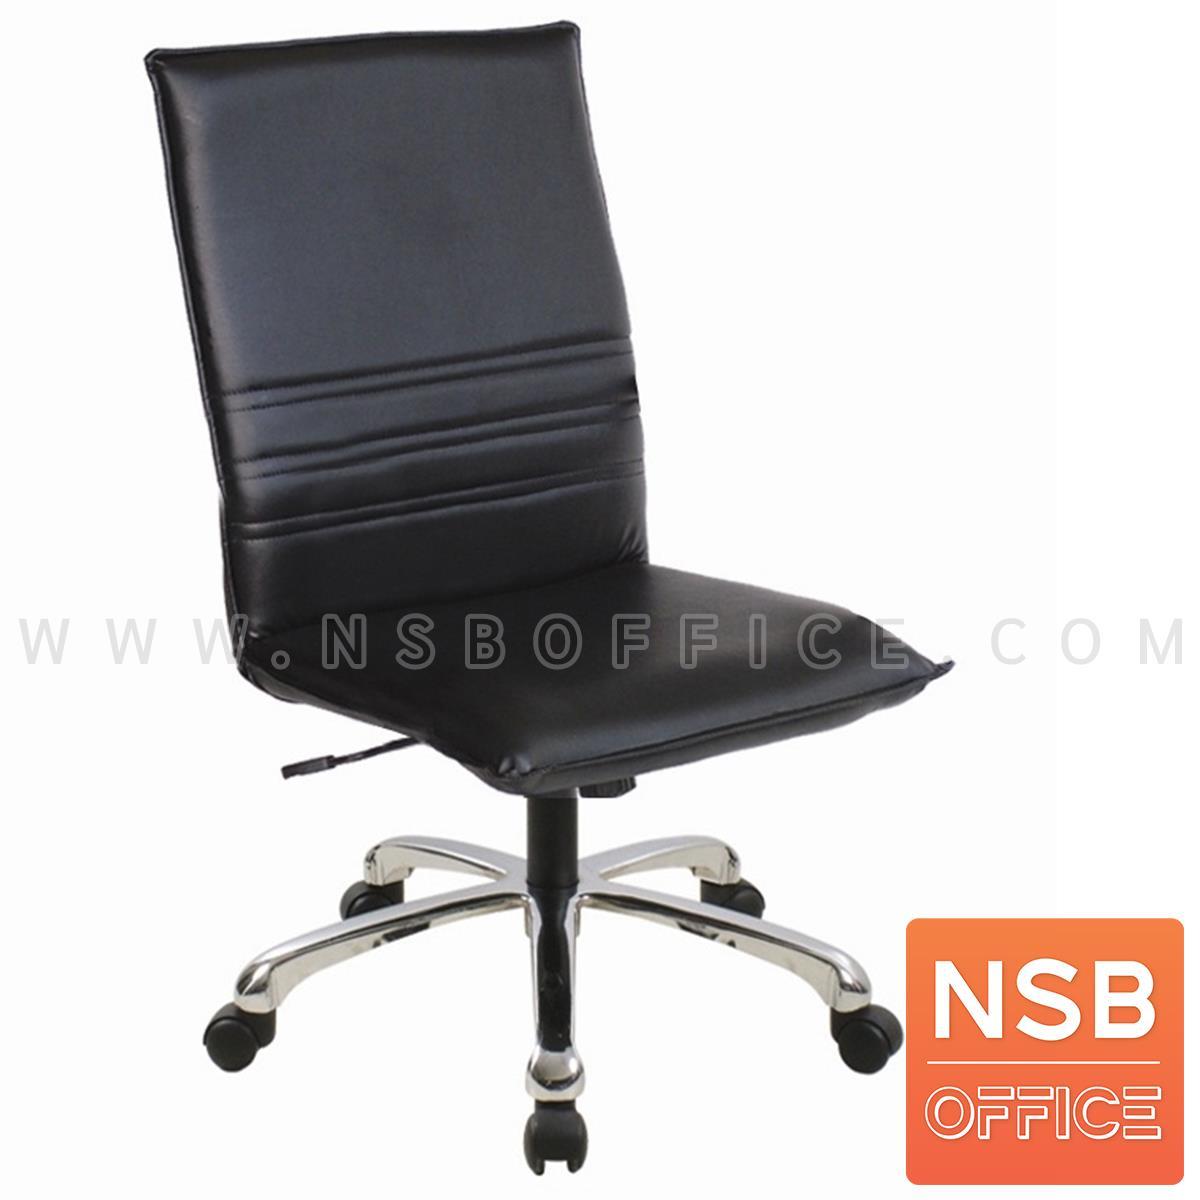 B26A143:เก้าอี้สำนักงาน รุ่น blackjack (แบล็คแจ็ค)  โช๊คแก๊ส ก้อนโยก ขาพลาสติก